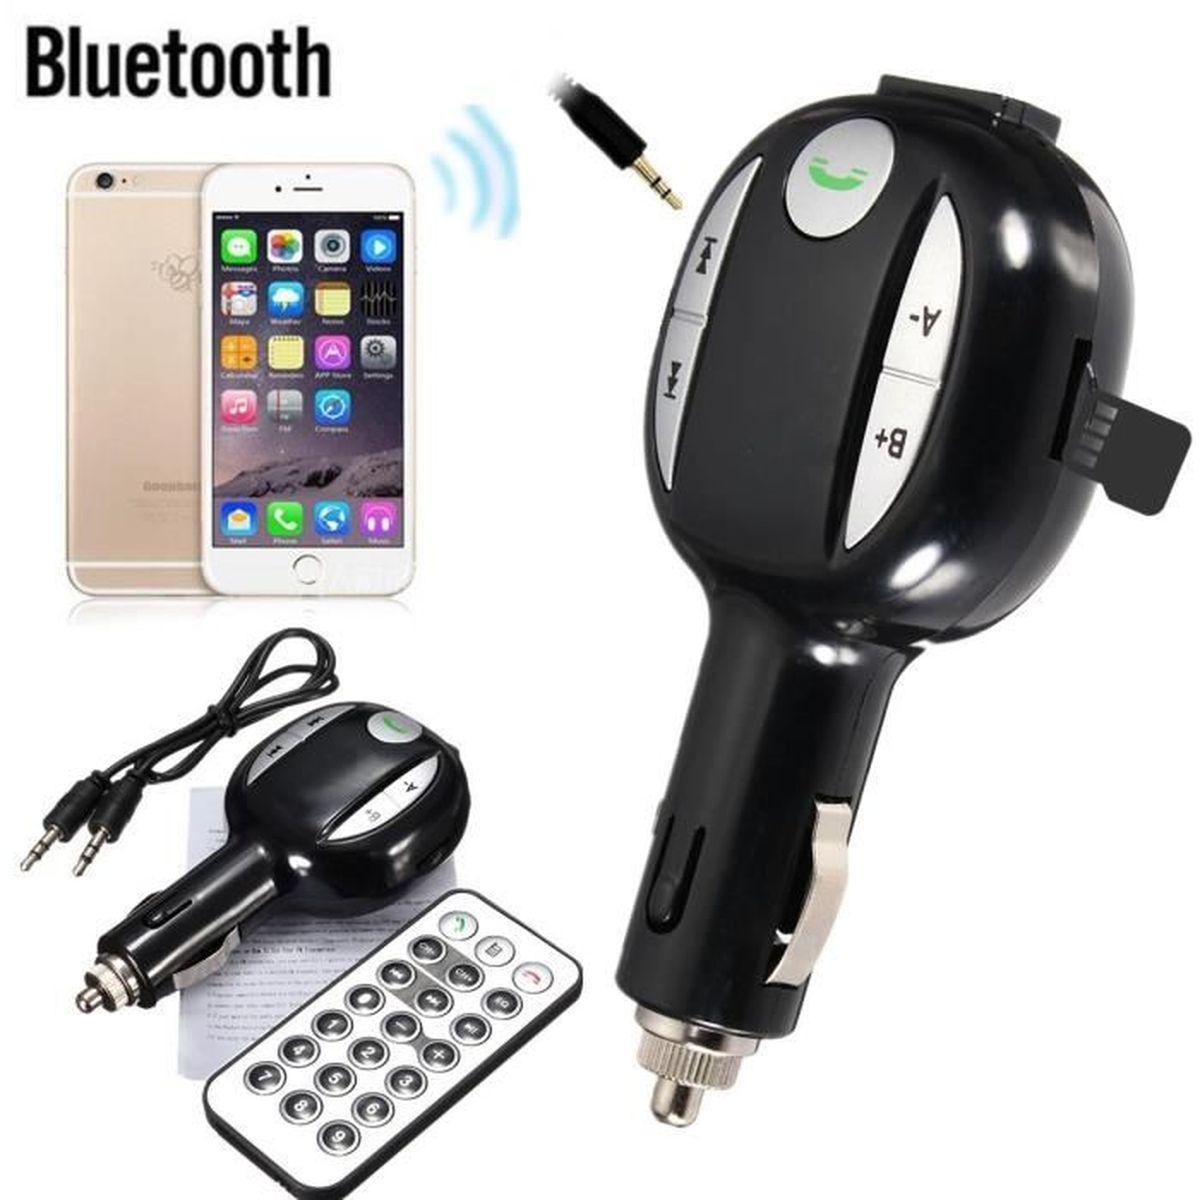 Bluetooth Sans Fil Voiture Allume Cigare FM Transmetteur Main Libre Pr iPhone